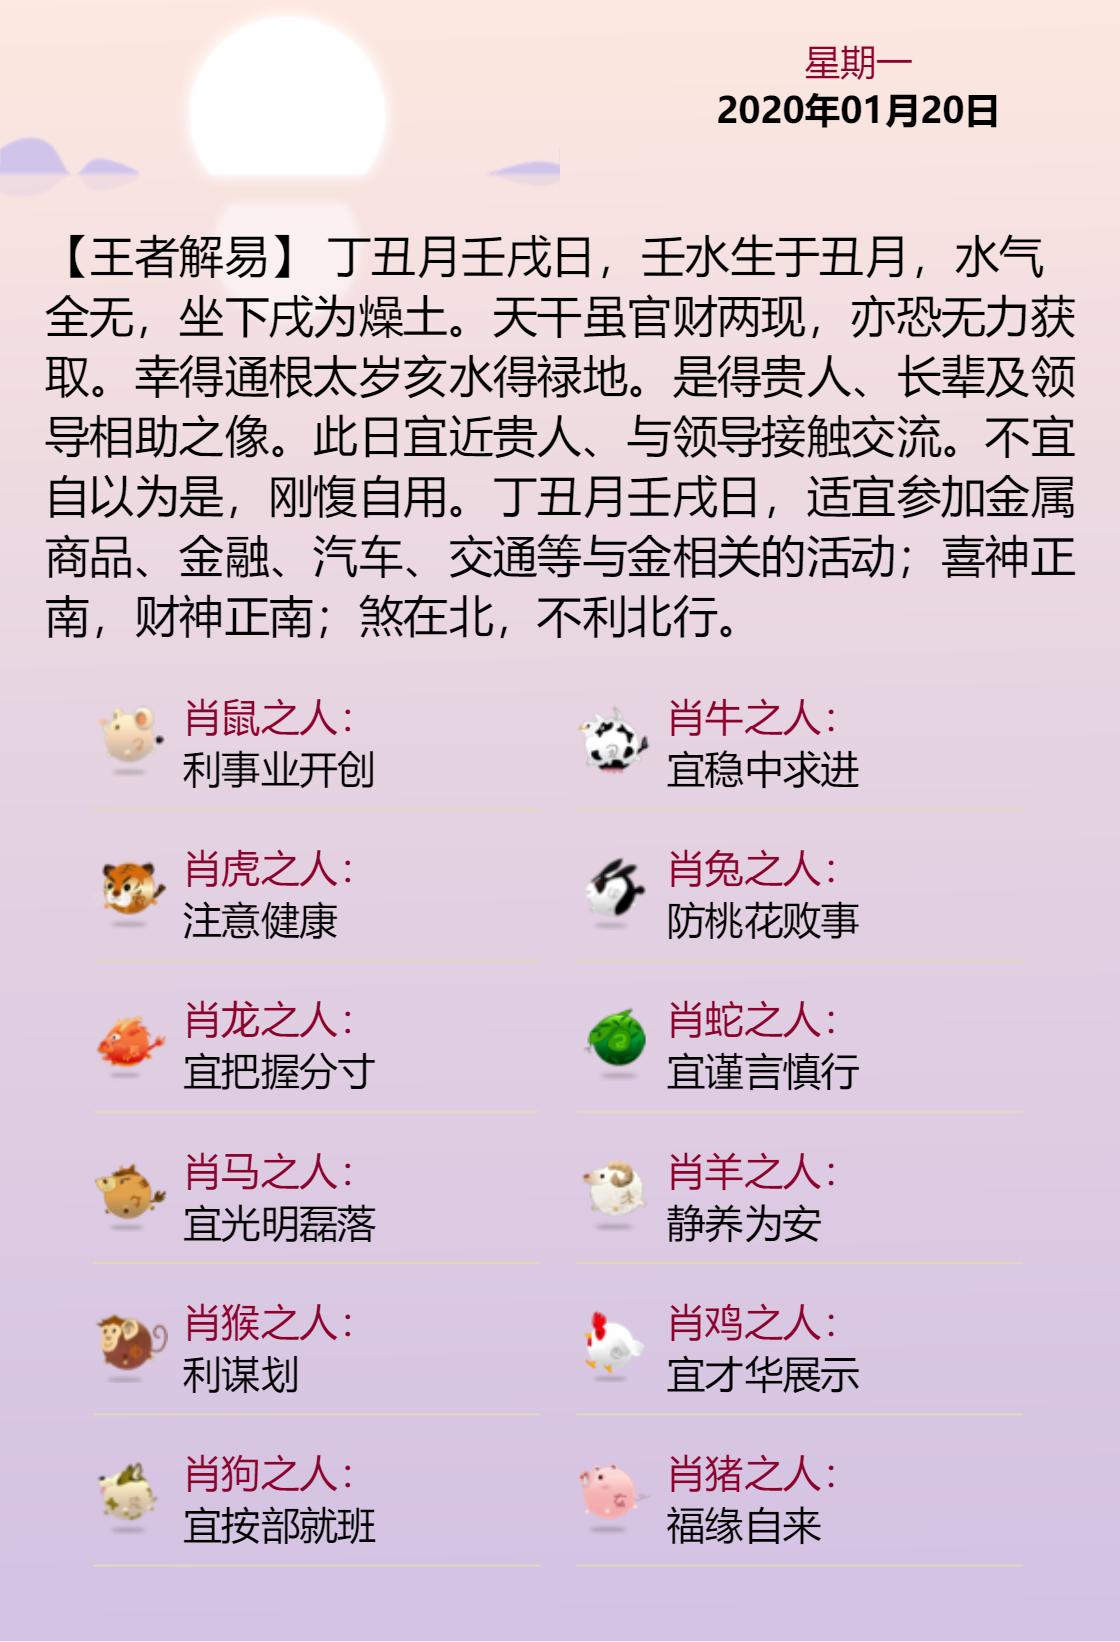 黄历海报20200120.png